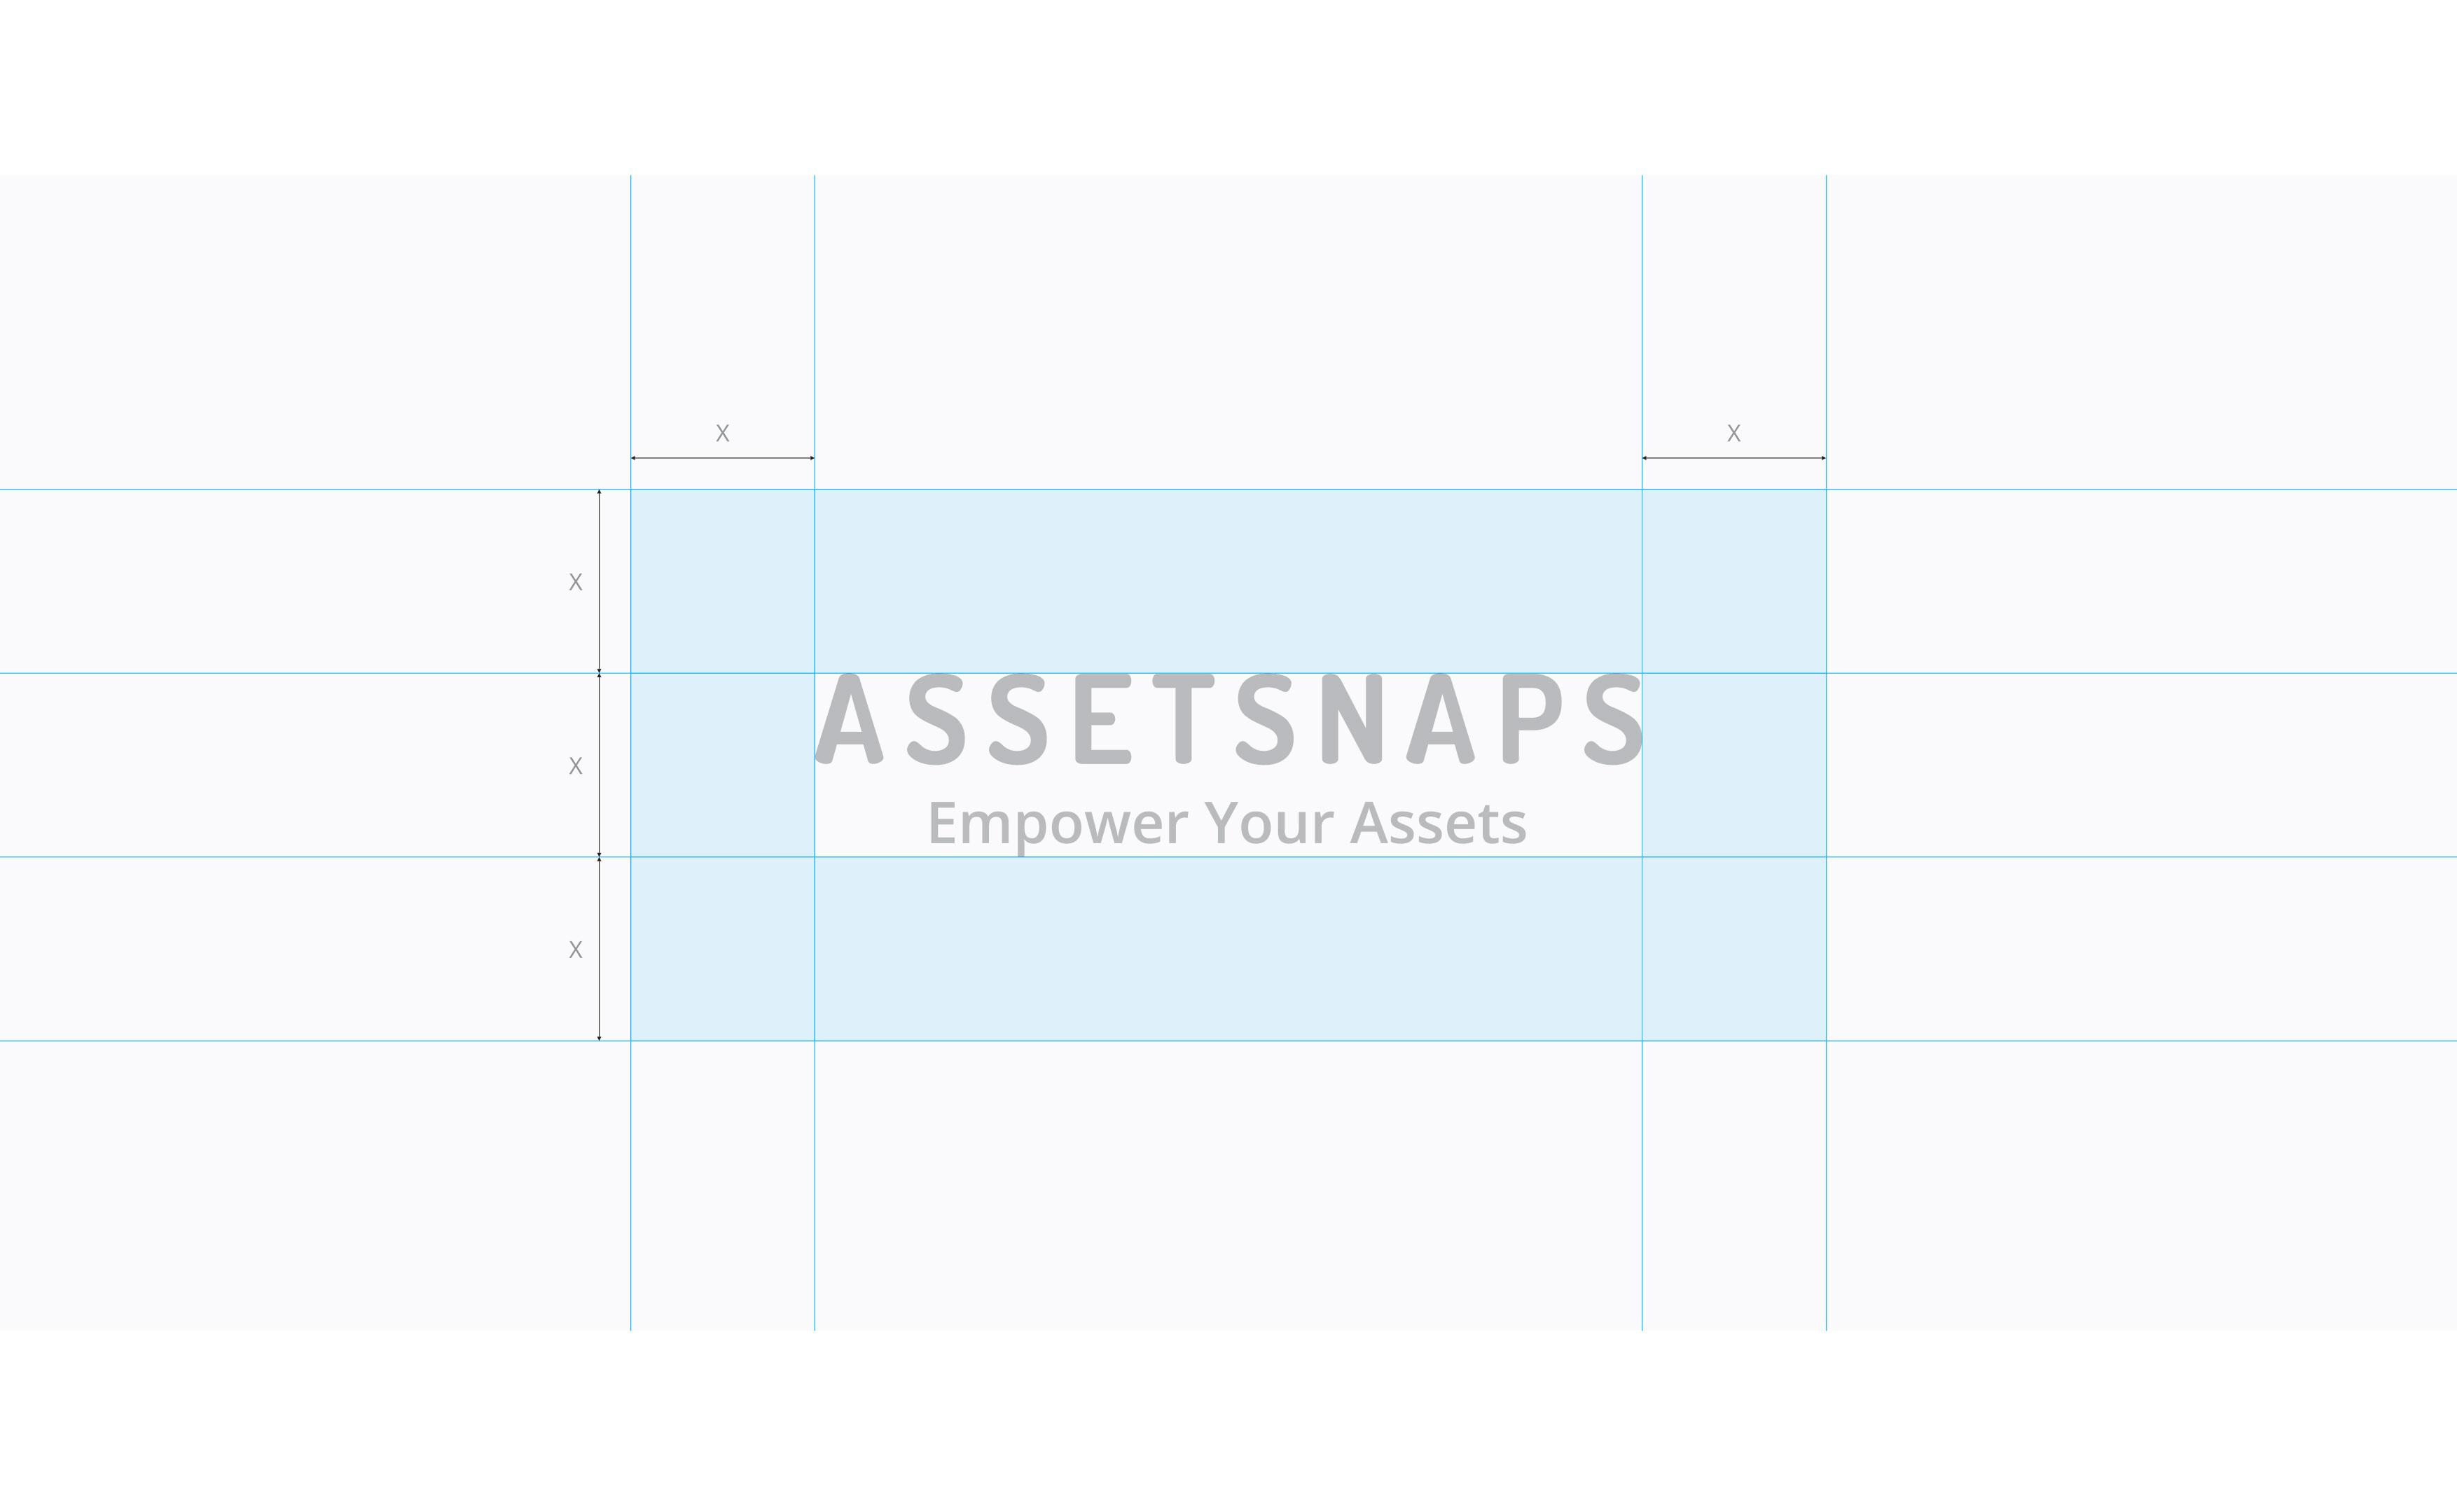 Asset Snaps - Wordmark